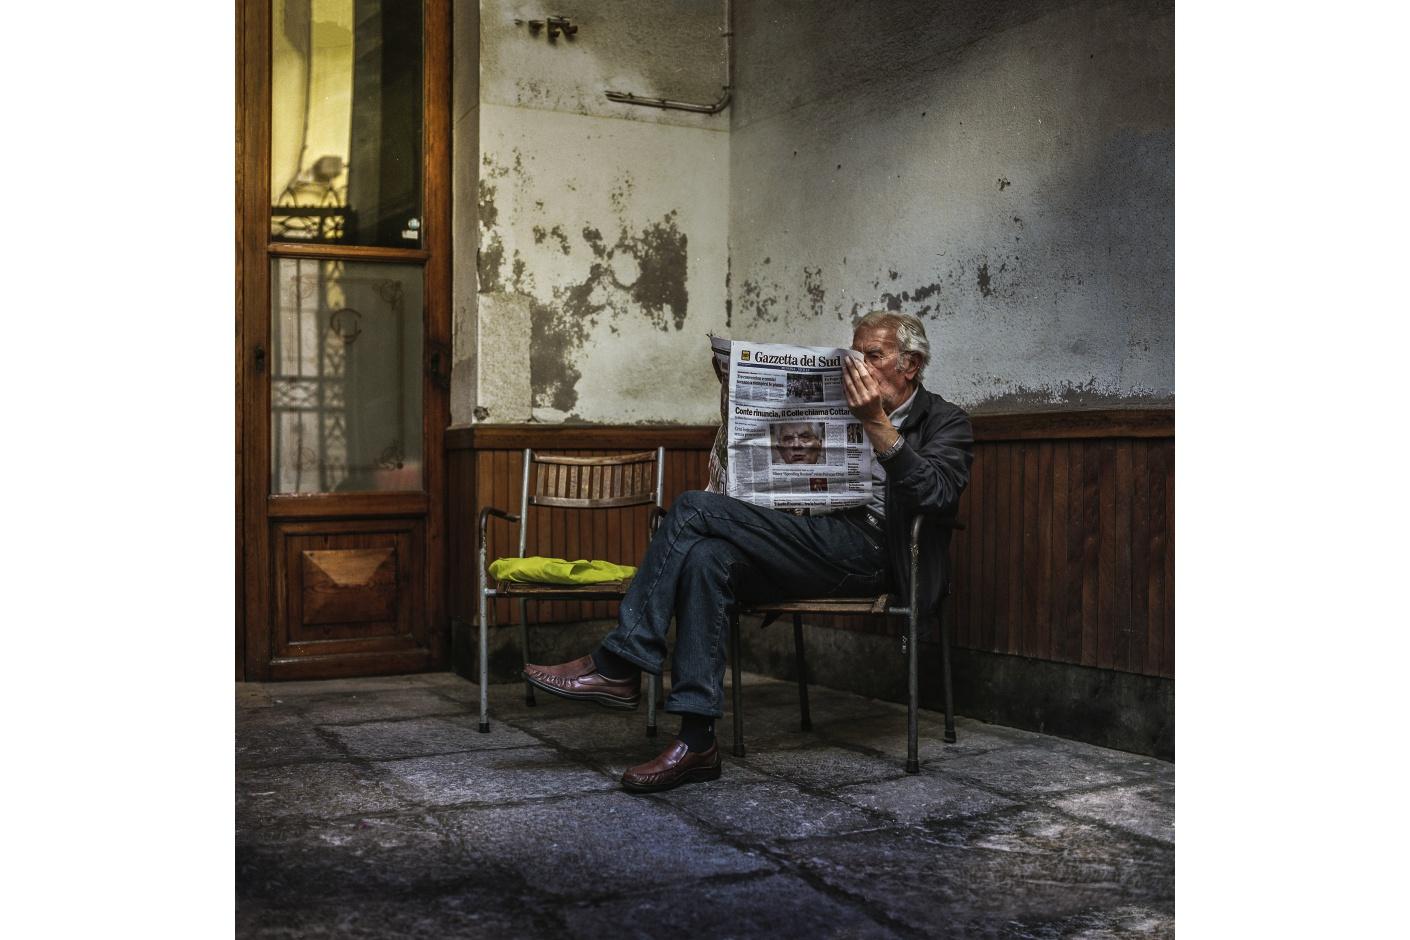 Cefalu Hasselblad Jelle Pieter de boer